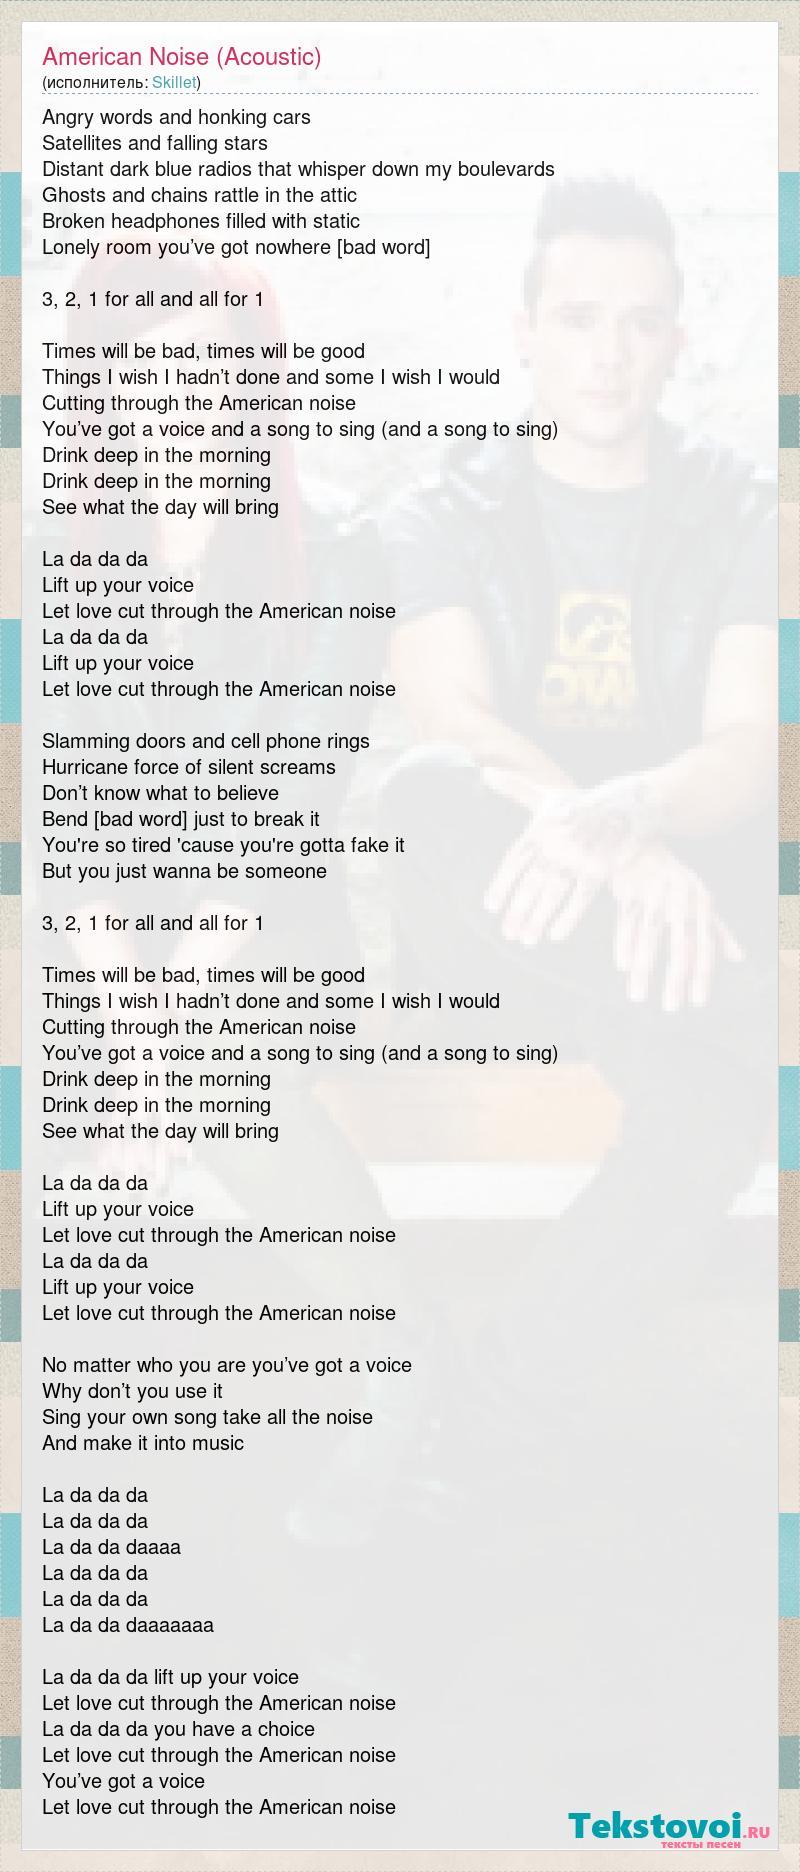 Skillet: American Noise (Acoustic) слова песни